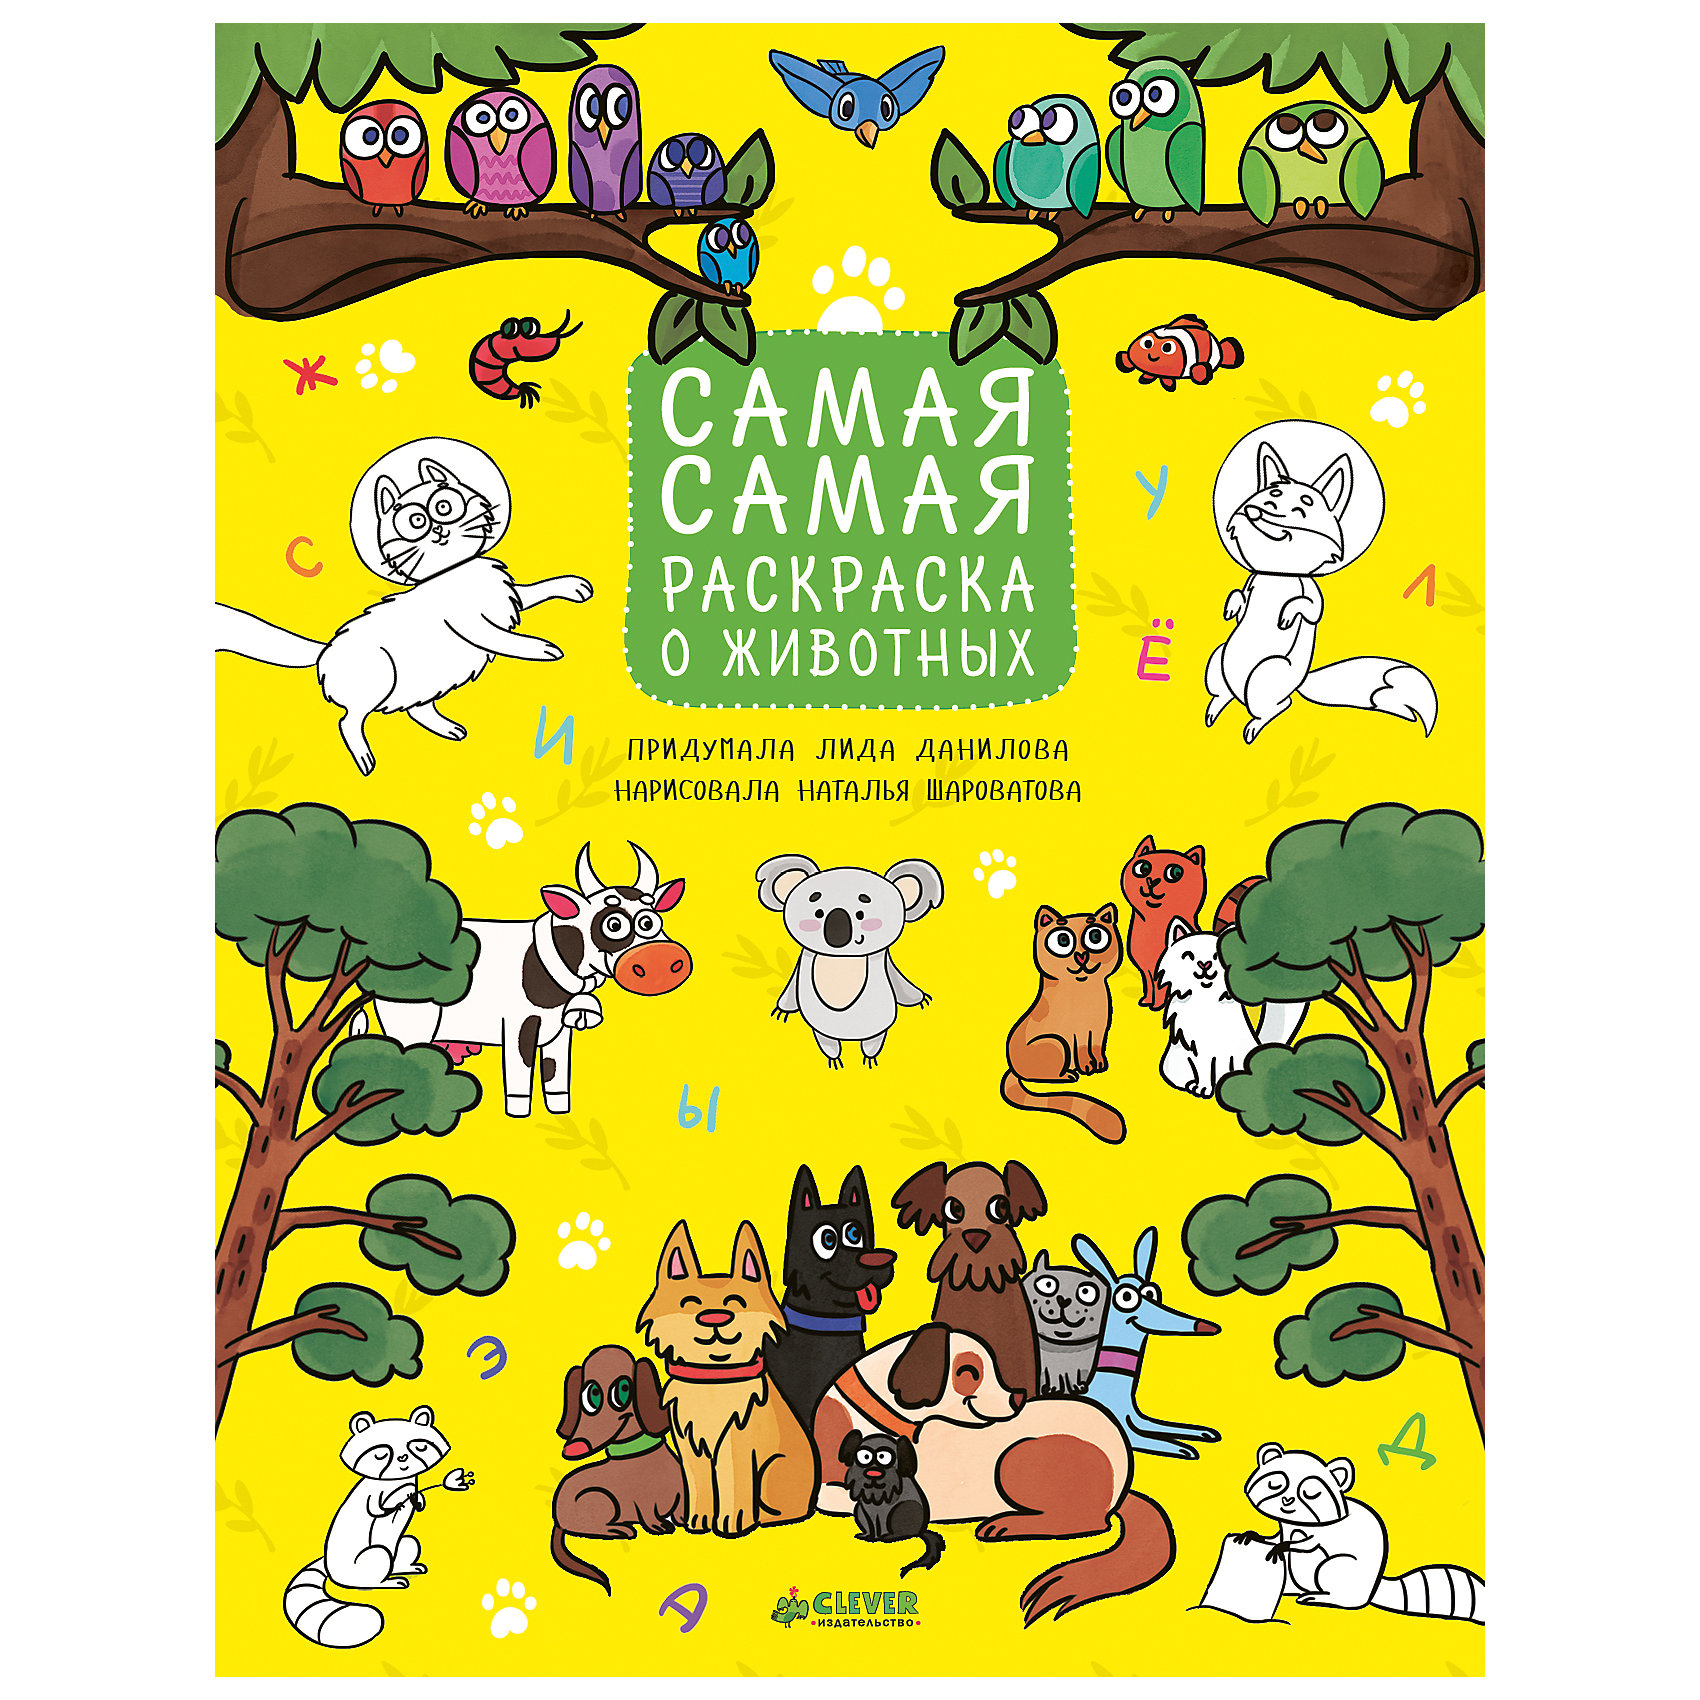 Самая-самая раскраска о животных, Рисуем, раскрашиваем, играемCLEVER (КЛЕВЕР)<br>Самая-самая раскраска о животных, Рисуем, раскрашиваем, играем<br><br>Характеристики:<br><br>• ISBN: 978-5-906899-90-3<br>• Кол-во страниц:48<br>• Возраст: от 5 лет <br>• Формат: а4<br>• Размер книги: 280x215x4 мм<br>• Бумага: офсет<br>• Вес: 244 г<br>• Обложка: мягкая<br><br>Эта книга идеально подойдет для детей, которые любят сказки, а так же рисовать и раскрашивать. Она отправит их в увлекательное путешествие, навстречу различным животным. В книге содержится множество увлекательных заданий, лабиринтов, раскрасок и так далее. Эта книга развлечет и научит ребенка решать задачи, развивать мелкую моторику и просто даст отлично провести время.<br><br>Самая-самая раскраска о животных, Рисуем, раскрашиваем, играем можно купить в нашем интернет-магазине.<br><br>Ширина мм: 280<br>Глубина мм: 215<br>Высота мм: 5<br>Вес г: 244<br>Возраст от месяцев: 84<br>Возраст до месяцев: 132<br>Пол: Унисекс<br>Возраст: Детский<br>SKU: 5377839